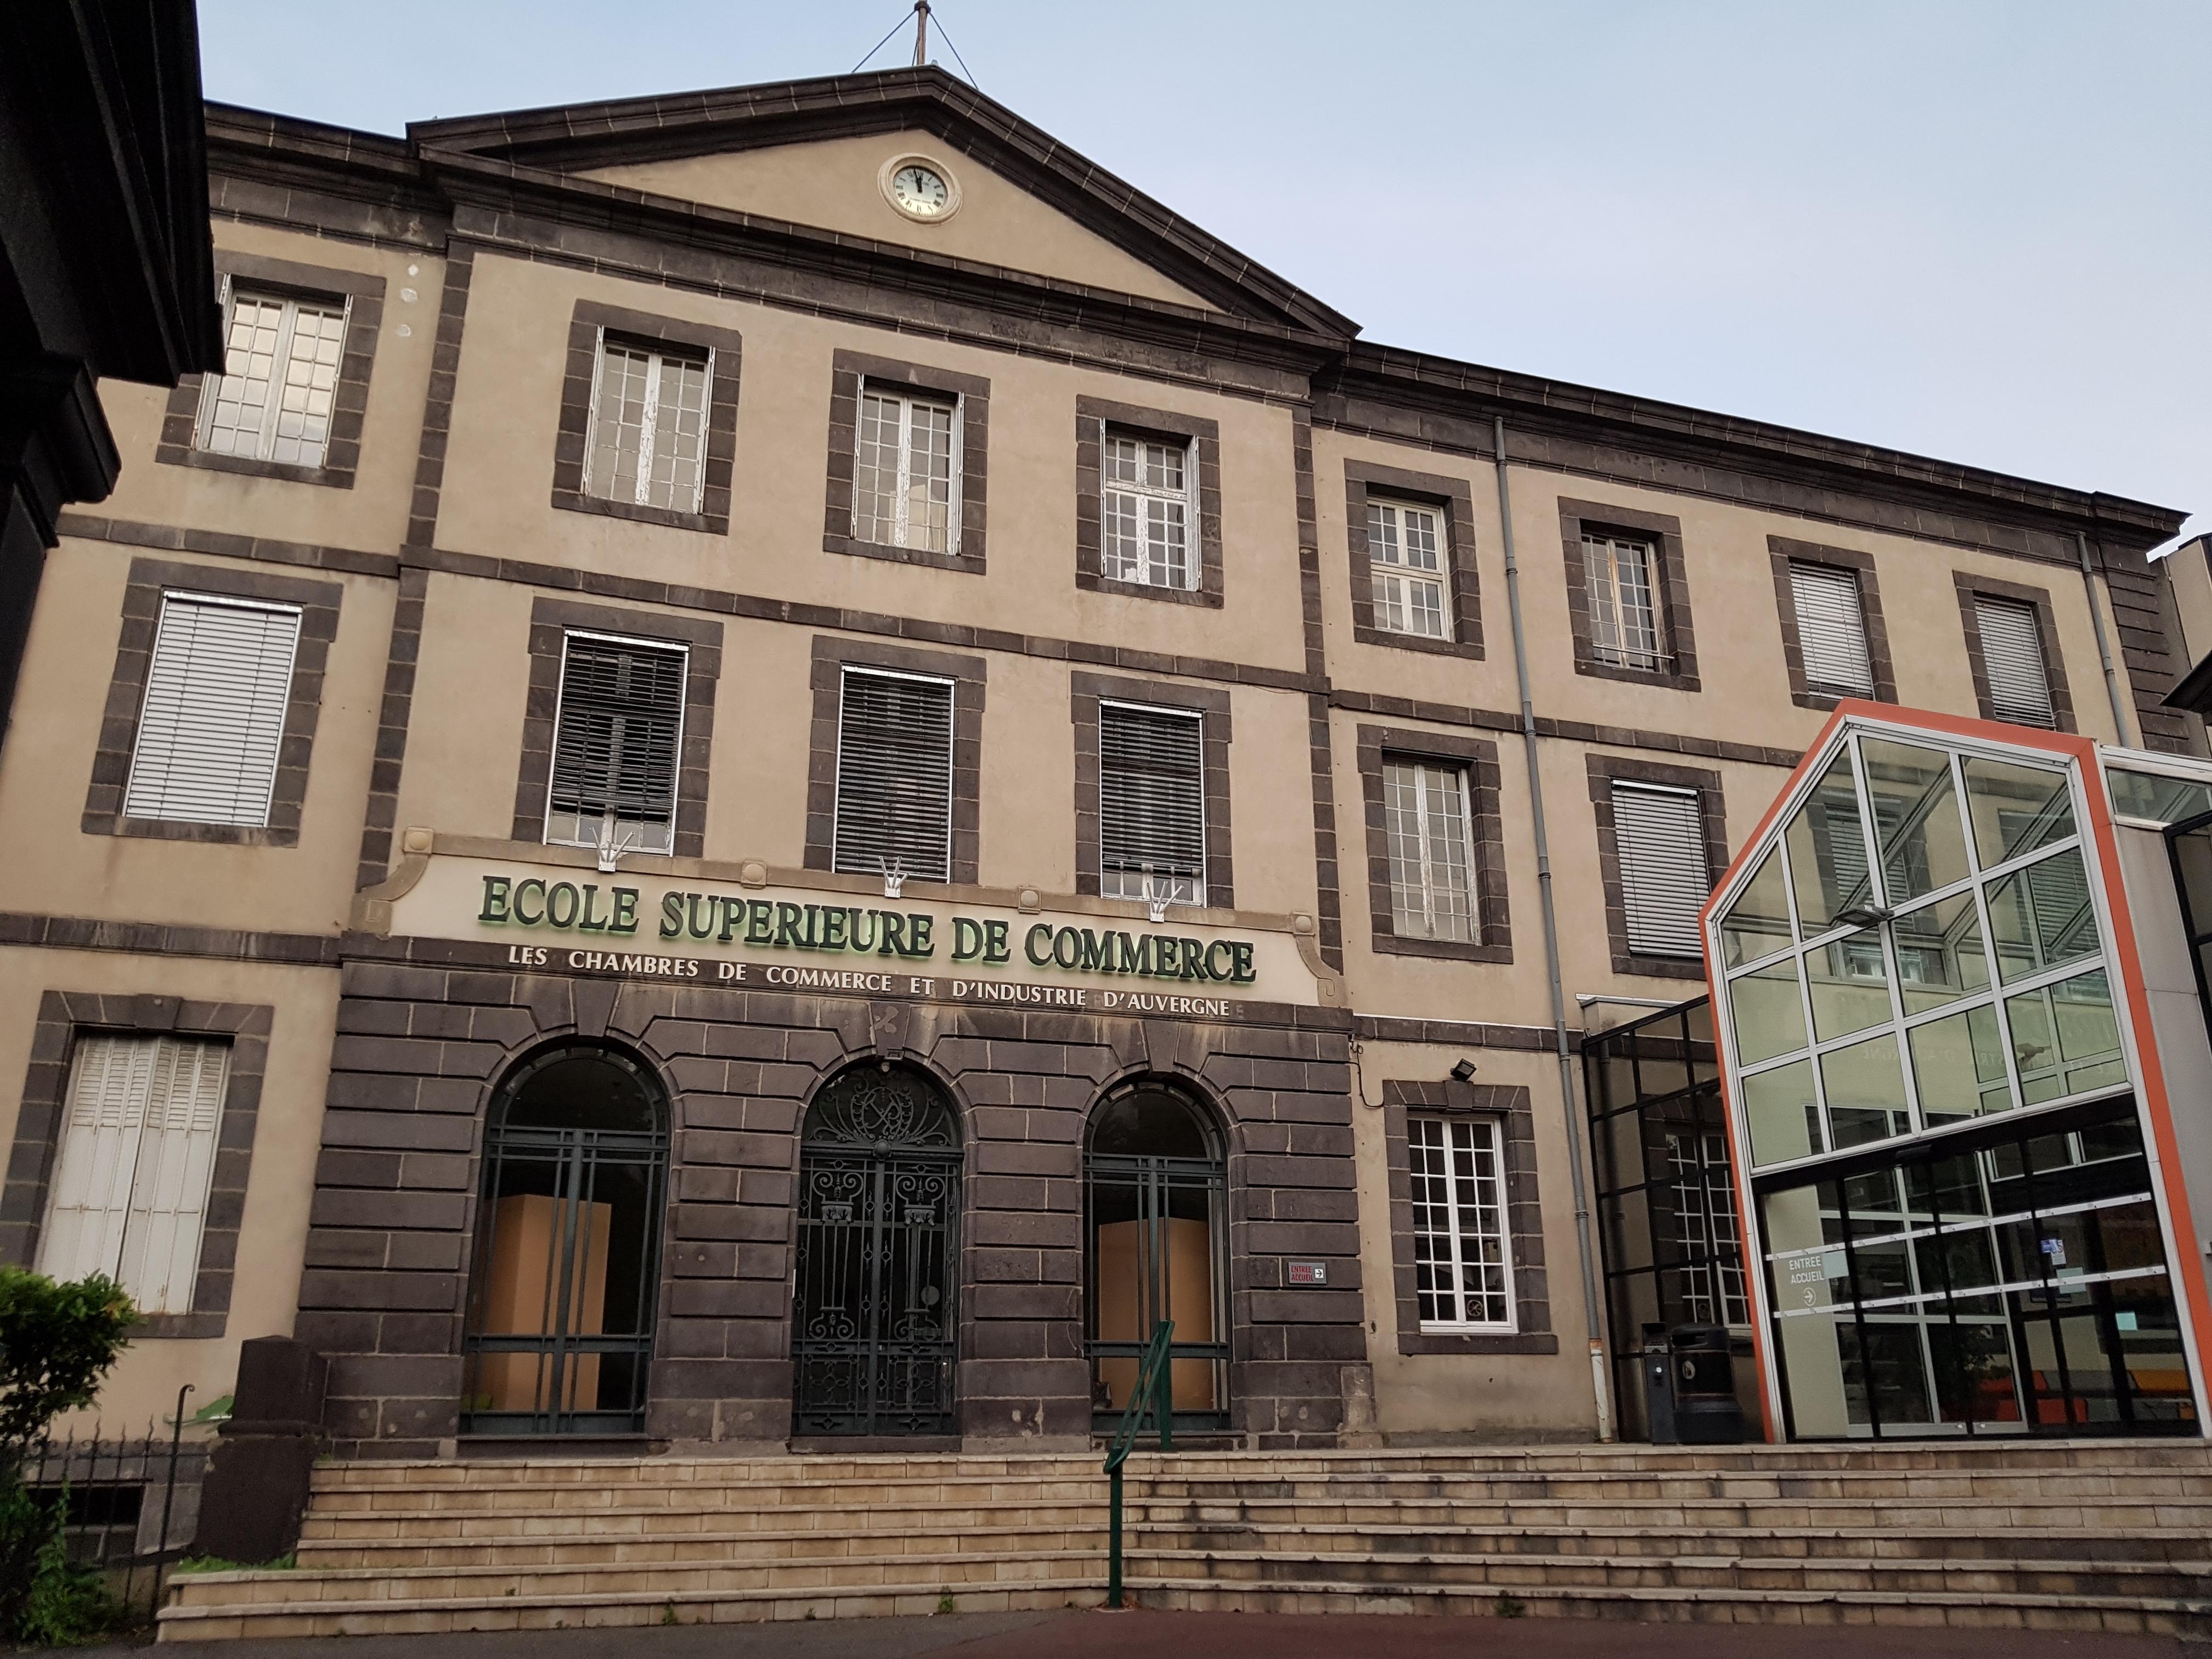 École D Architecture Clermont file:ecole supérieure de commerce de clermont